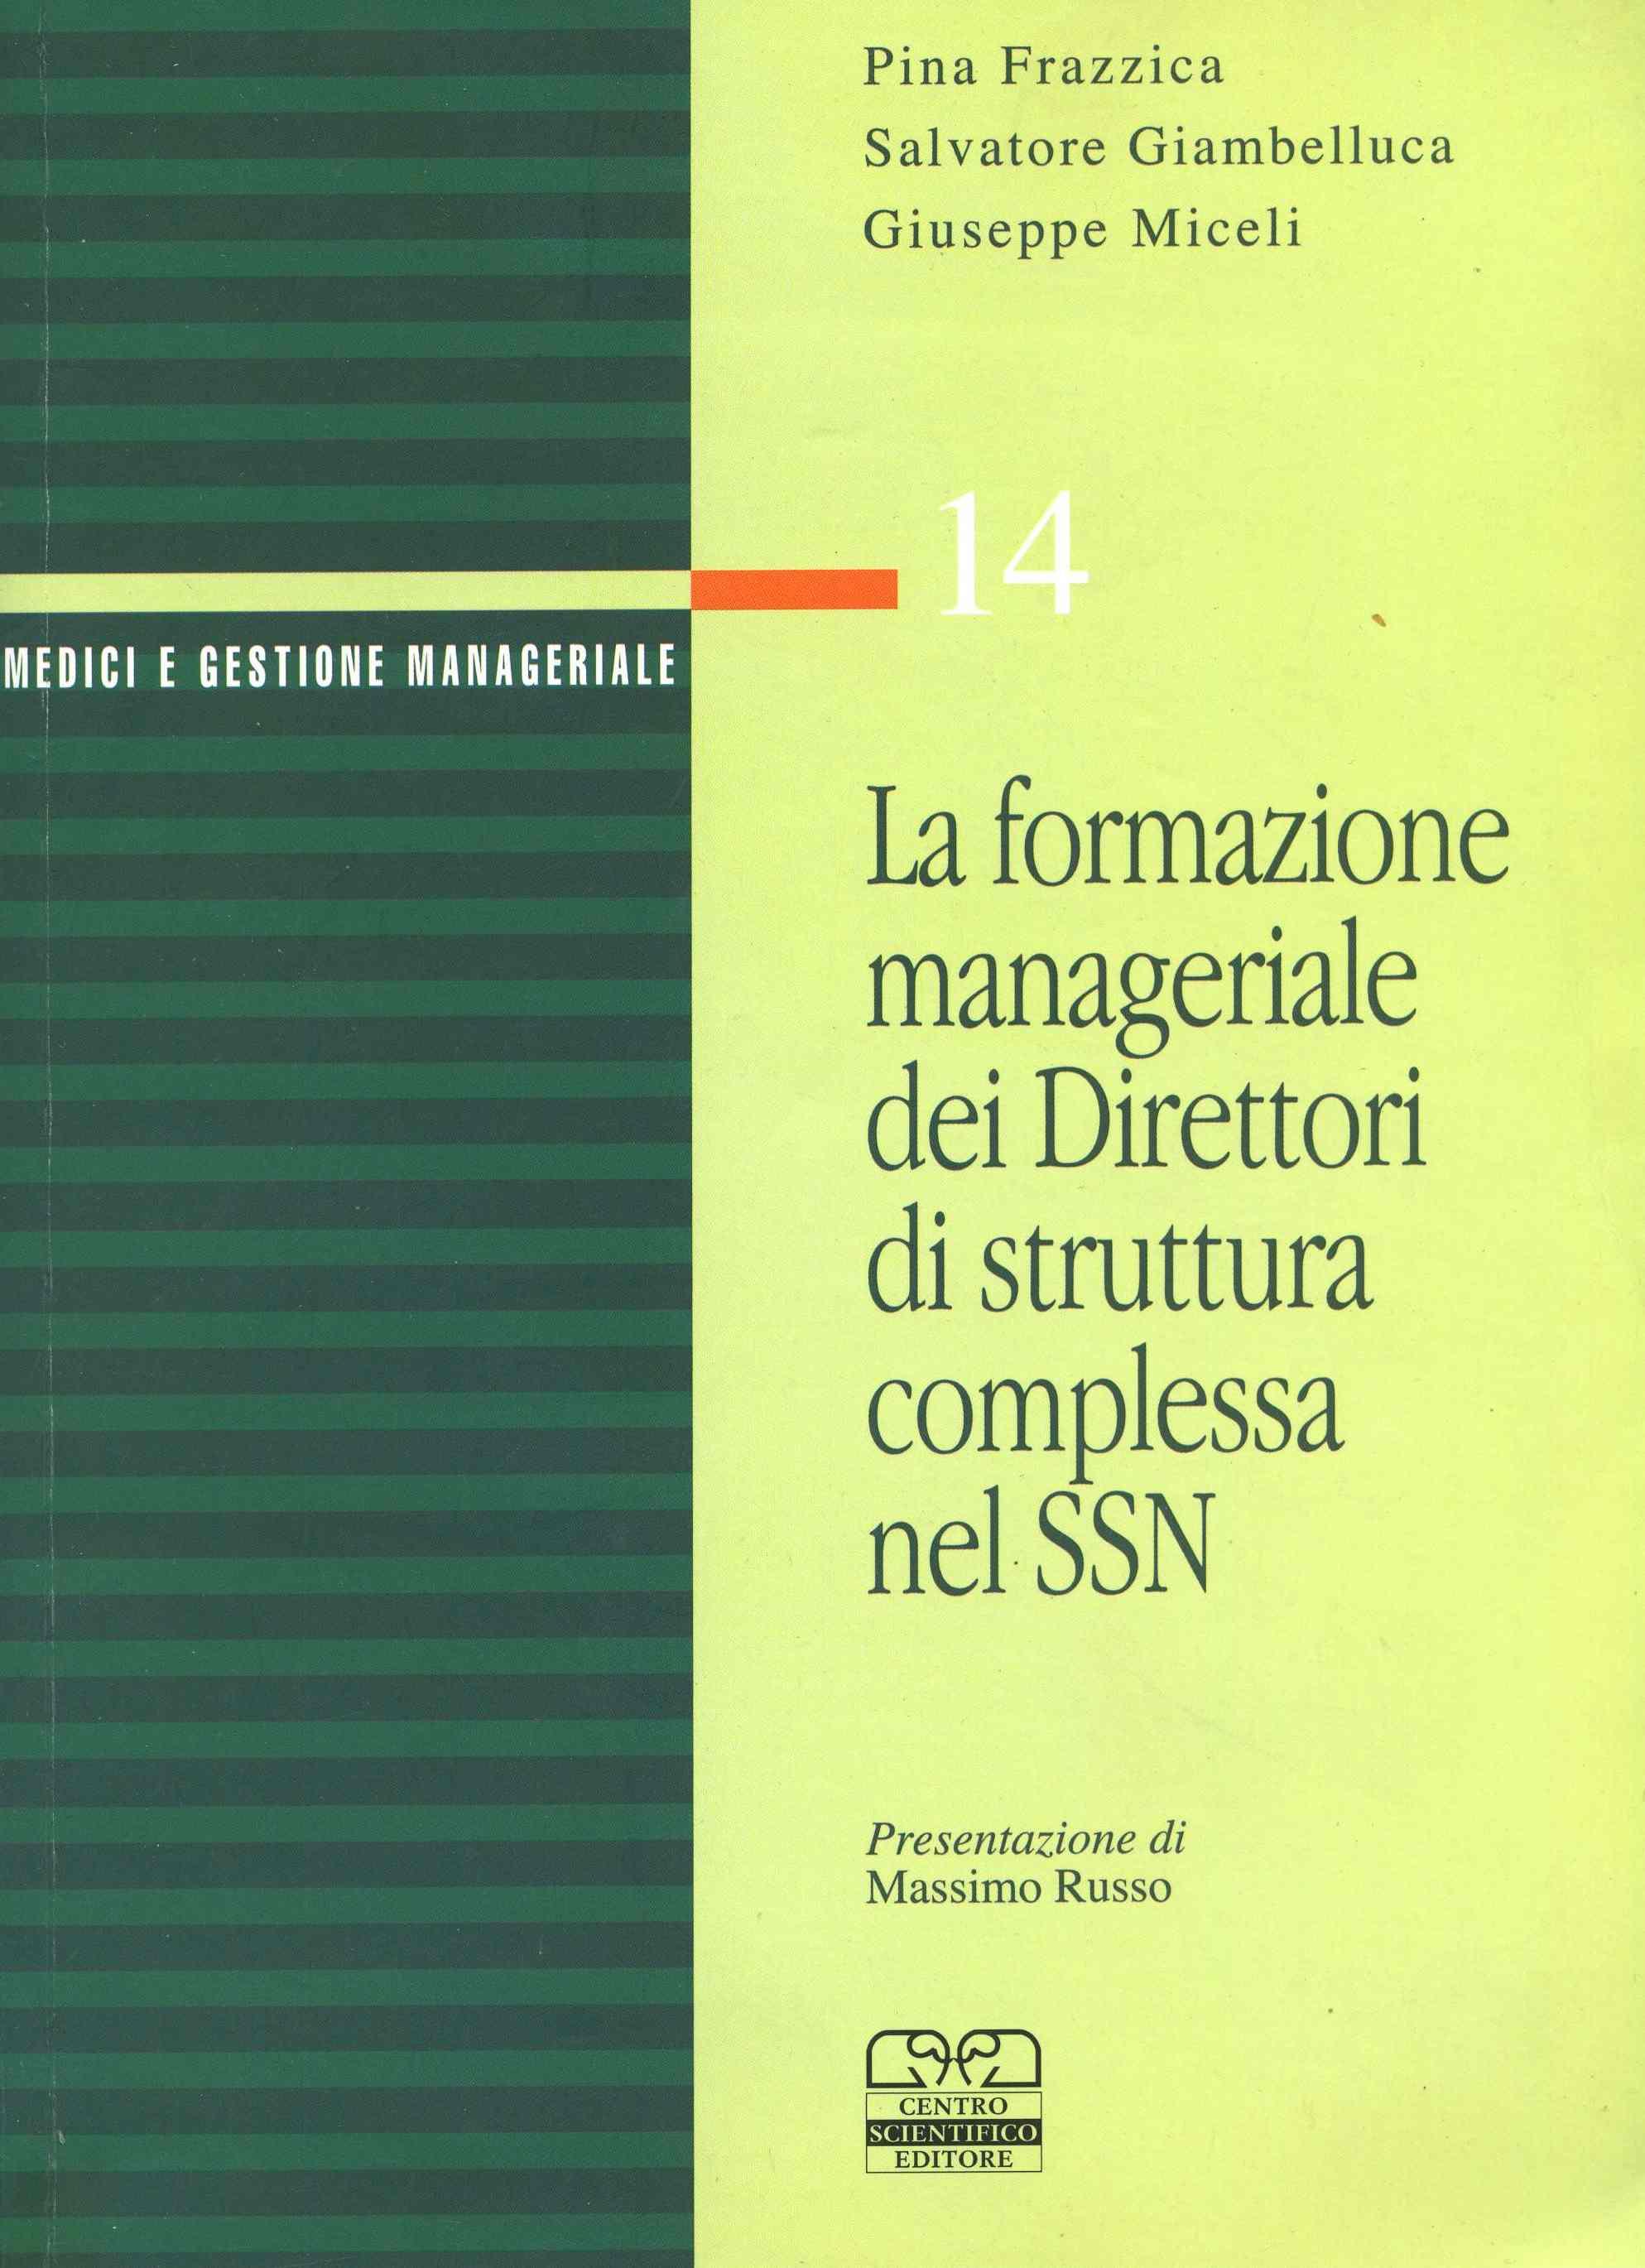 La formazione manageriale dei Direttori di struttura complessa nel SSN